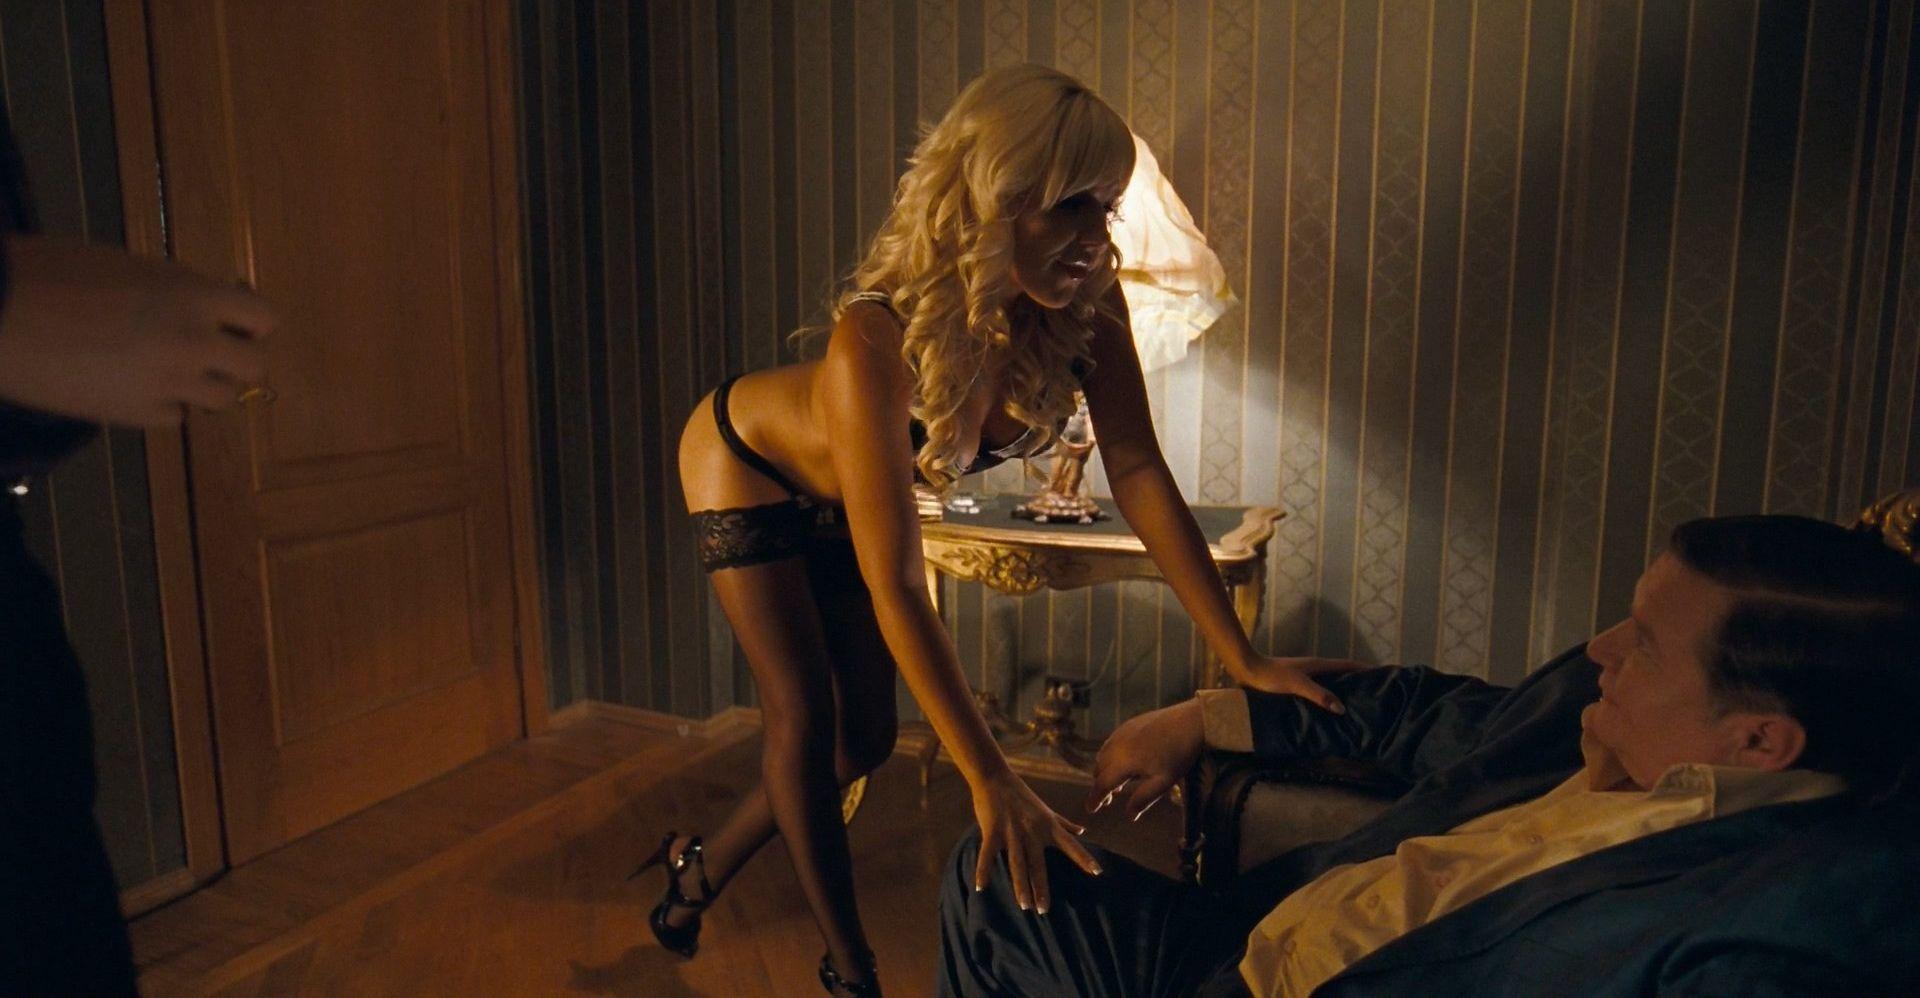 Хроника проститутки онлайн проститутки снять казань